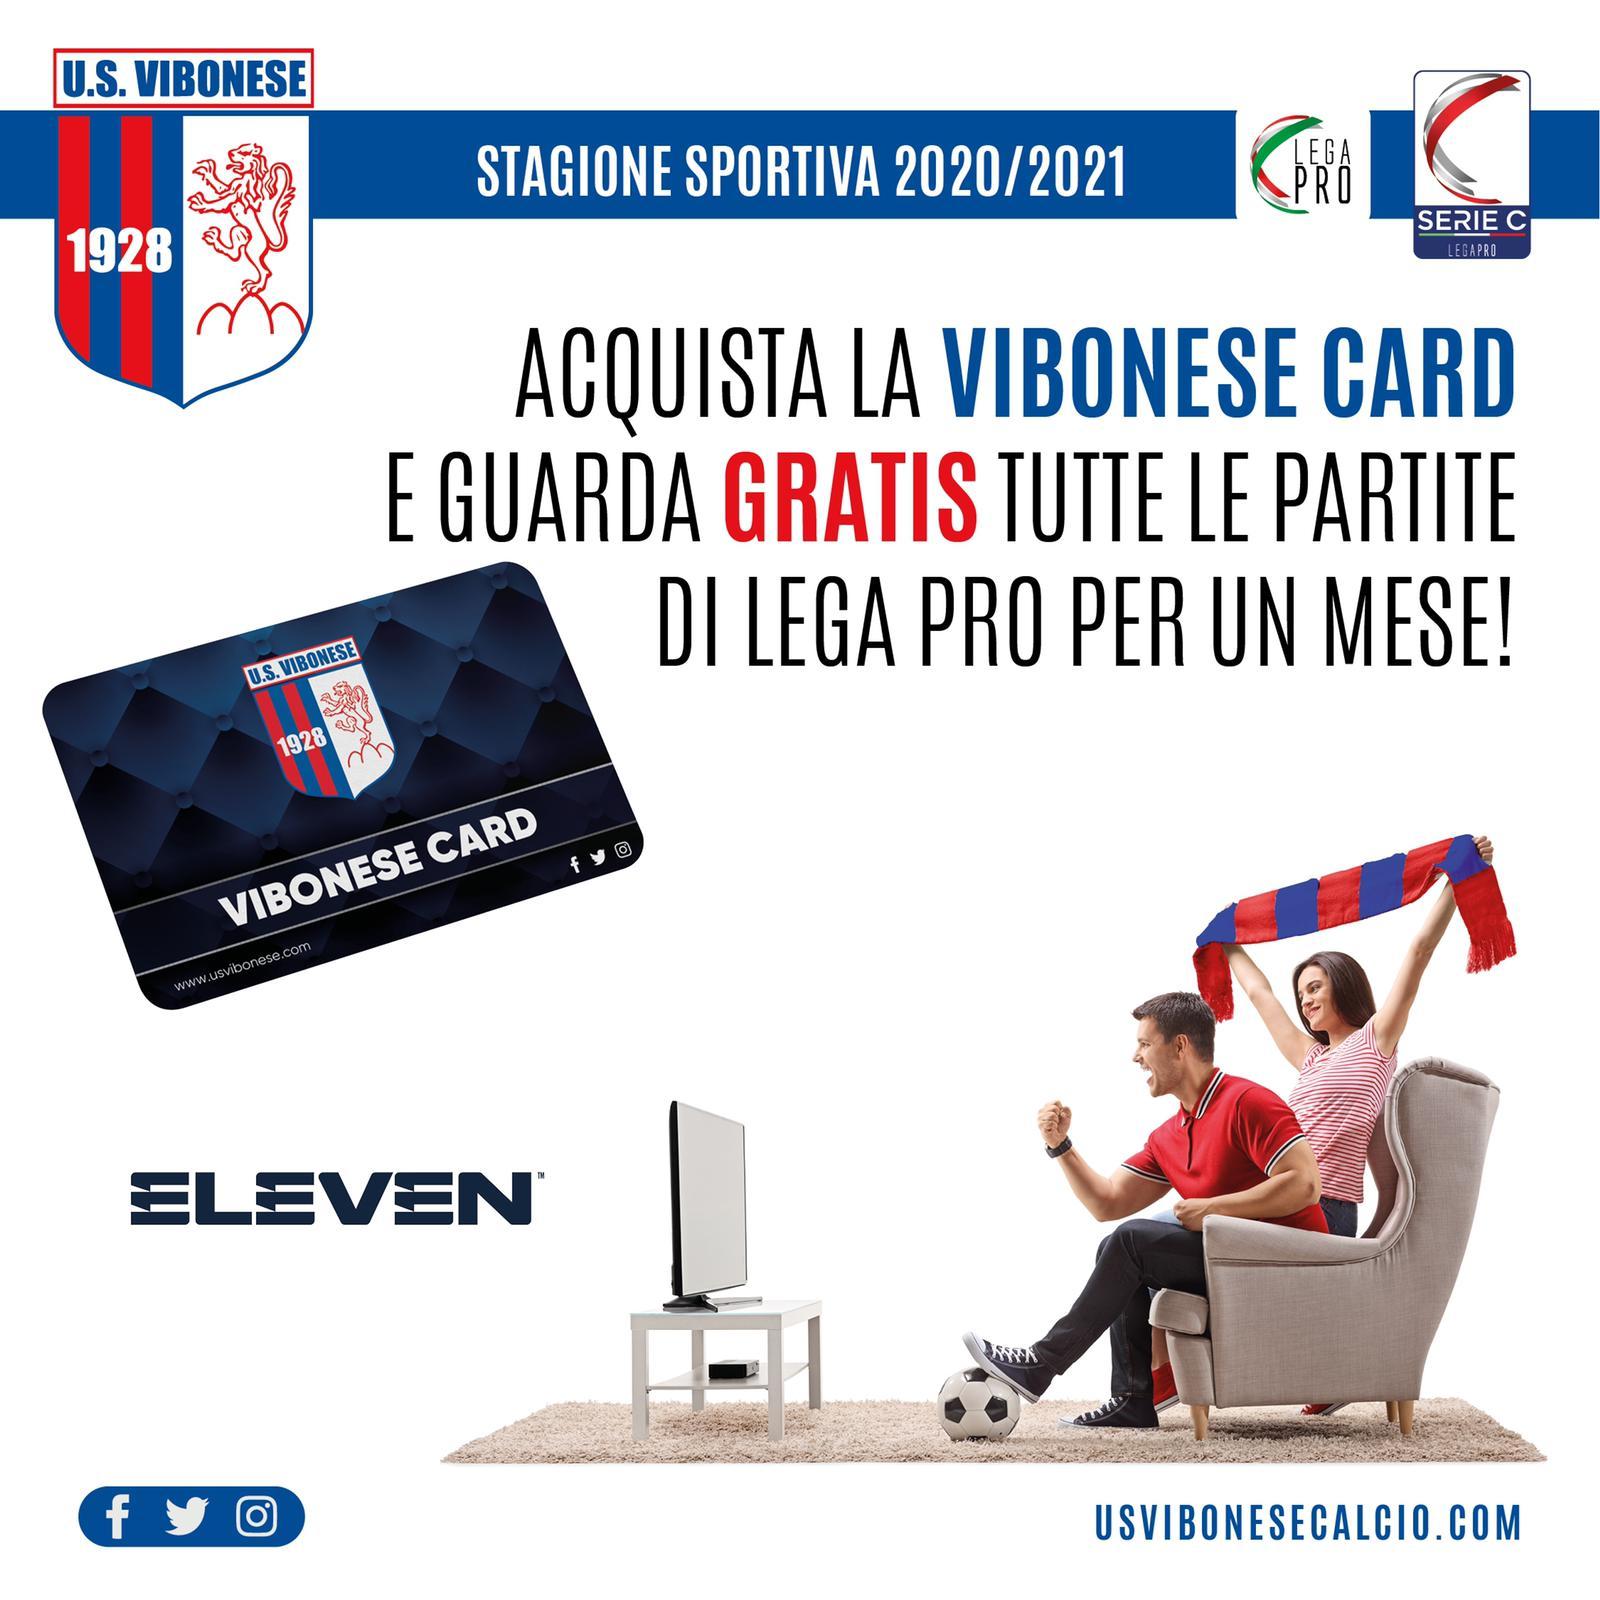 VIBONESE ED ELEVEN SPORT | 1000 scratch gratuiti per chi acquista la Vibonese Card immagine 16151 US Vibonese Calcio